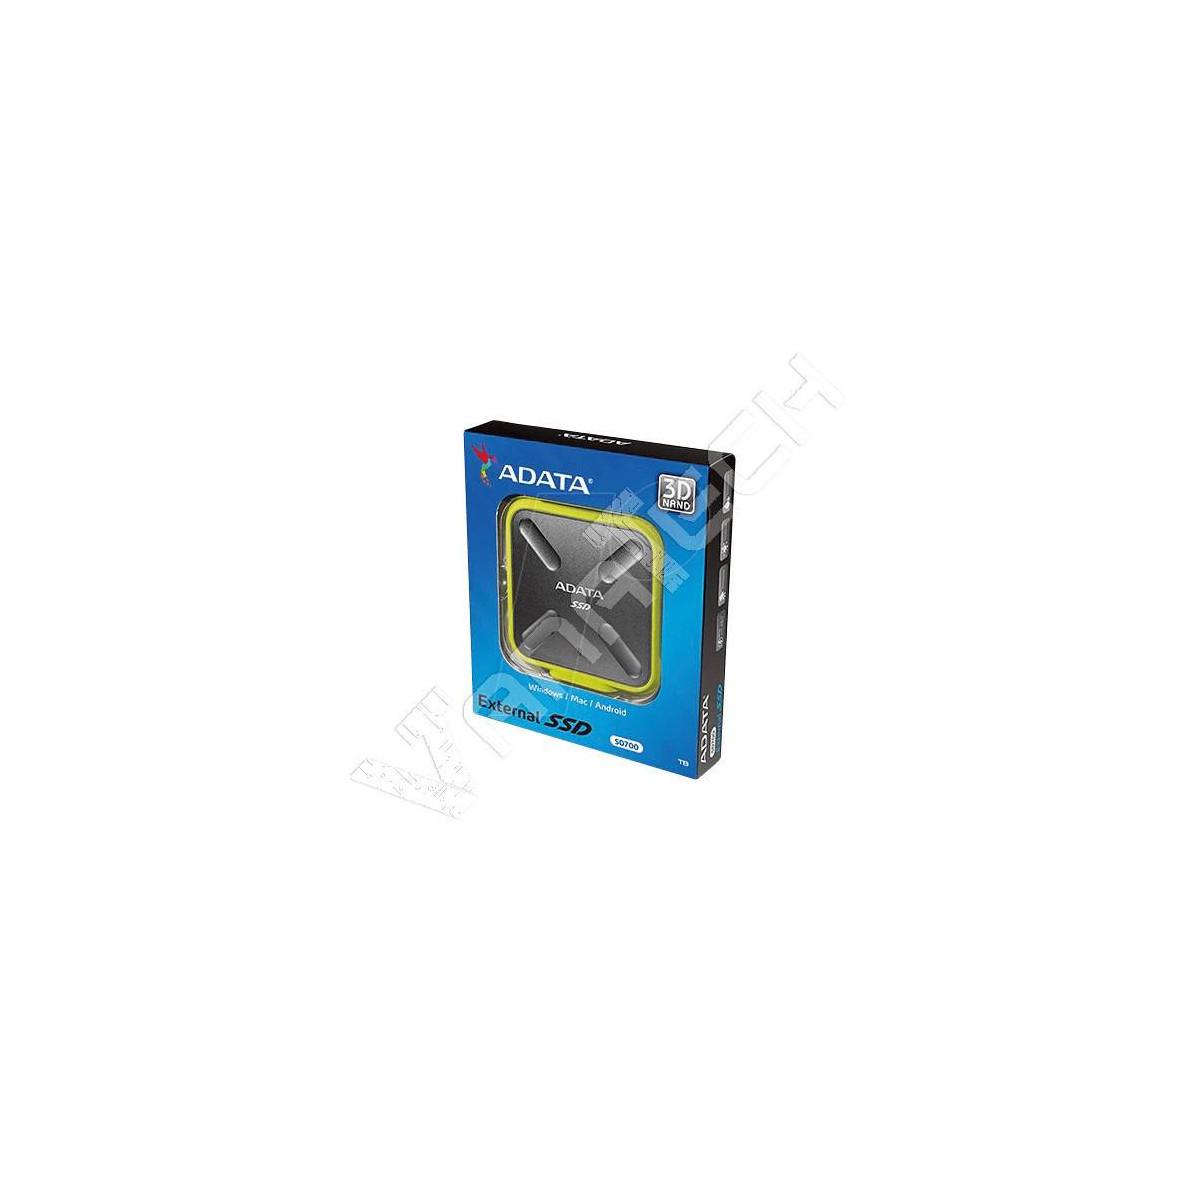 CPU INTEL XEON PROCESSORE E5-2620 v3 15M CACHE, 2.40 GHz SOCKET 2011